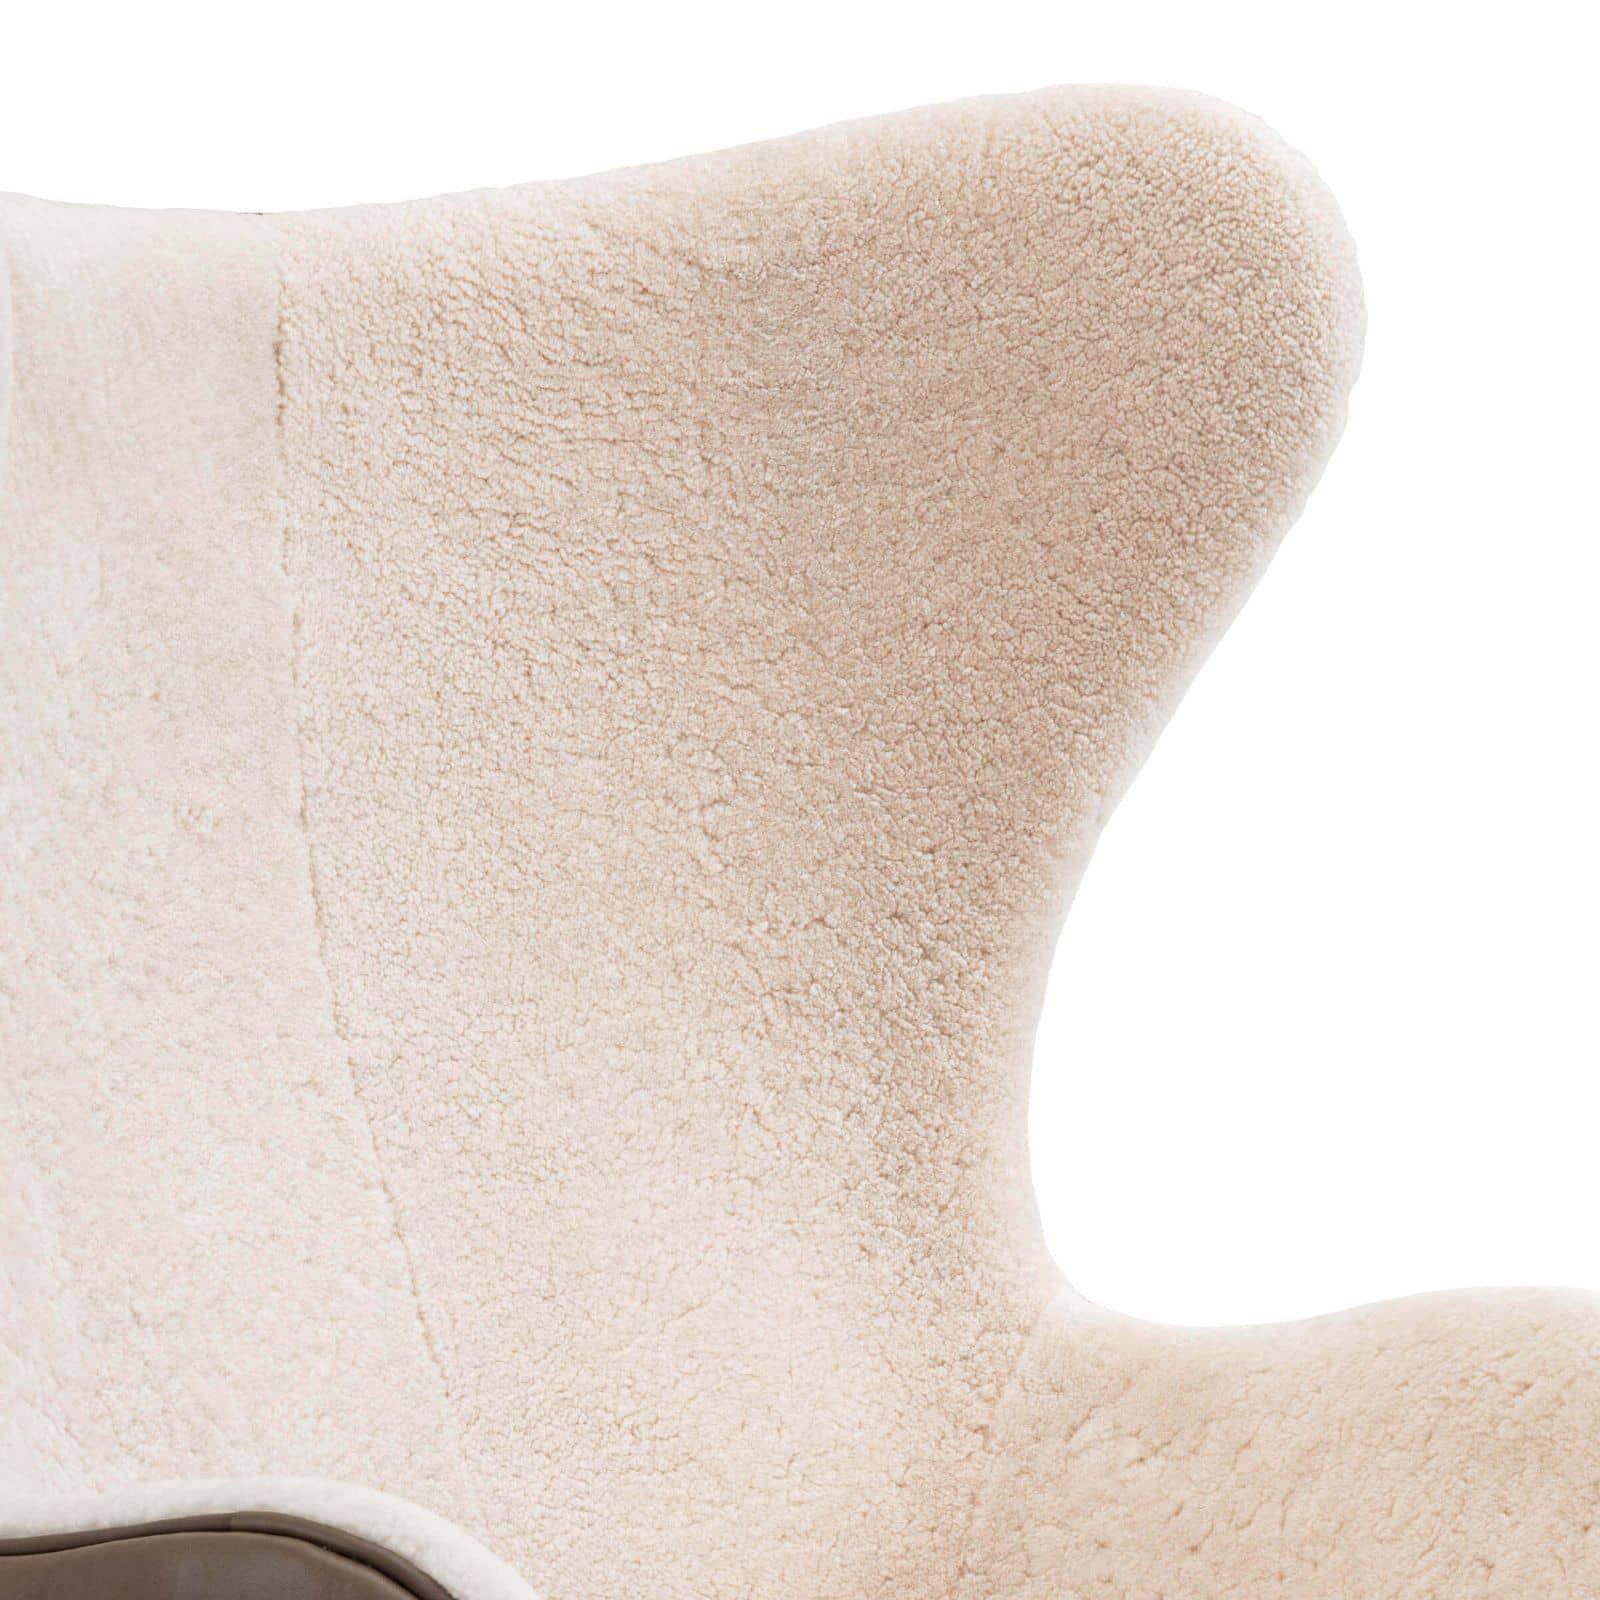 Rowan Sheepskin Chair